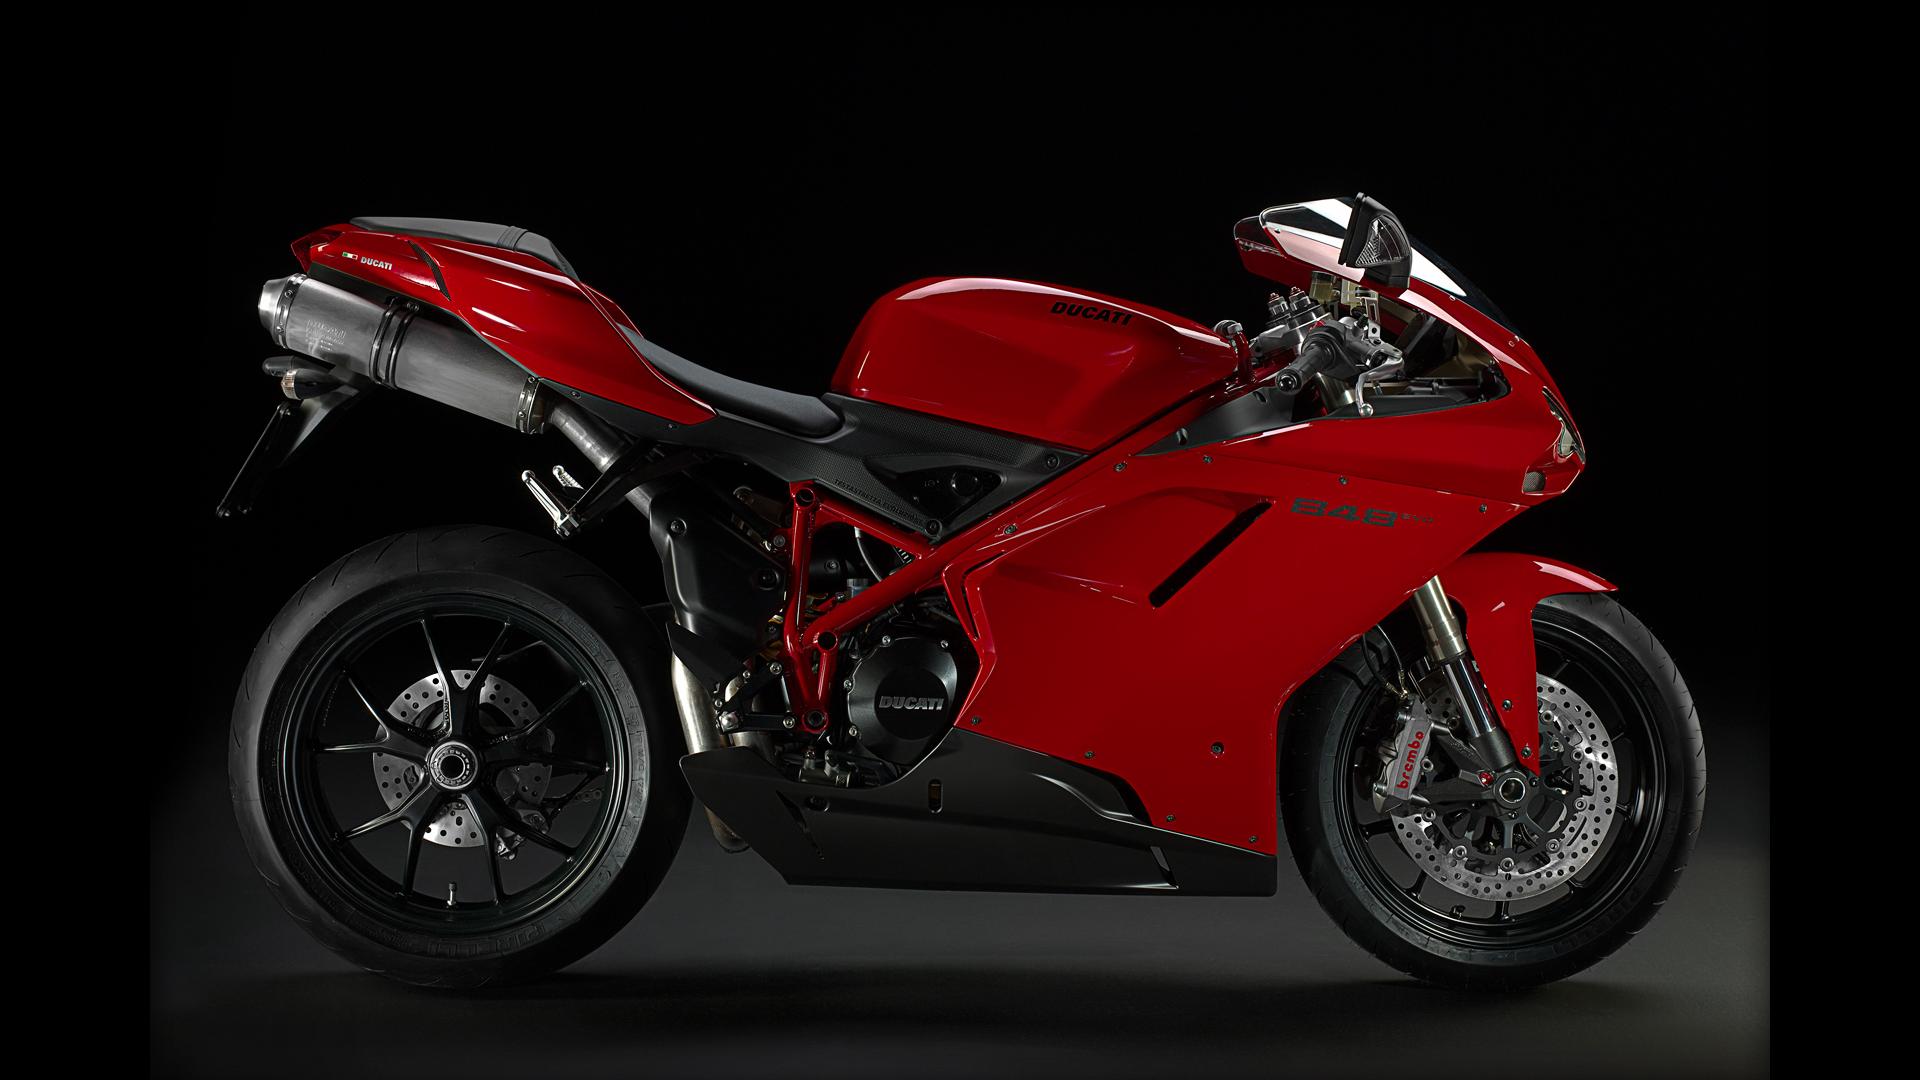 дукати мотоциклы фото характеристики купила себе новый